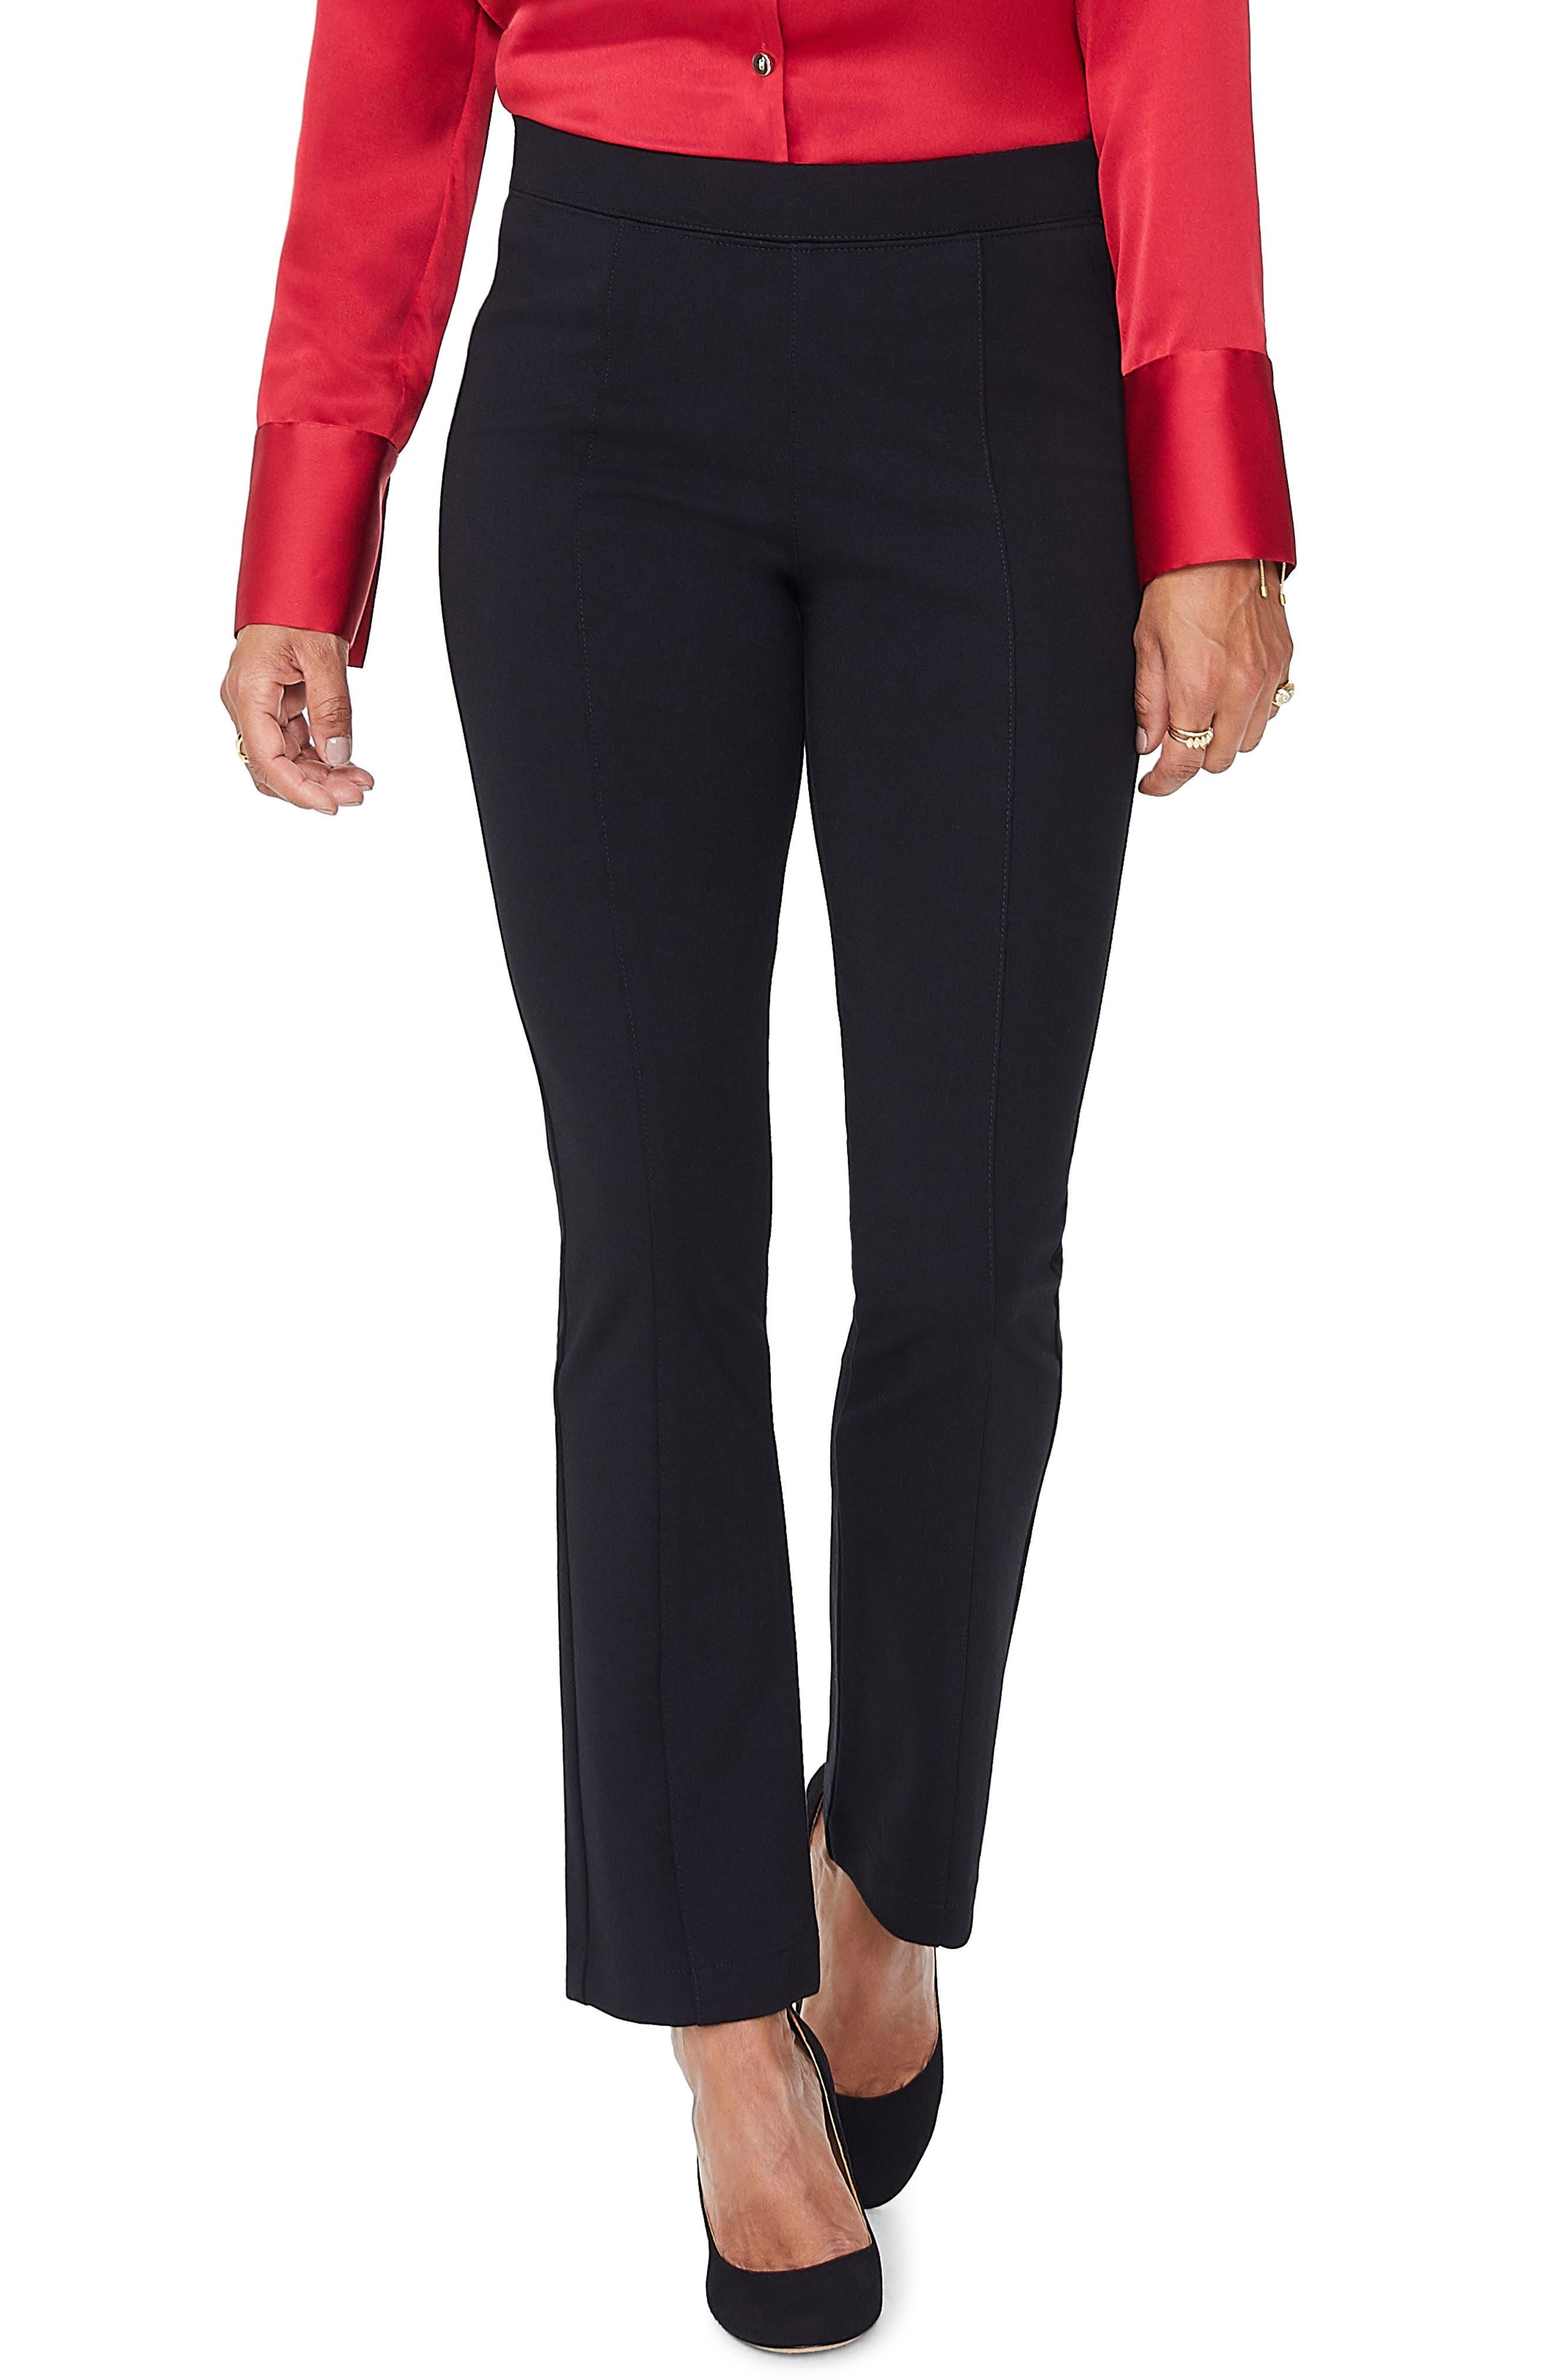 Ankle Bootcut Knit Pants,                         Main,                         color, BLACK